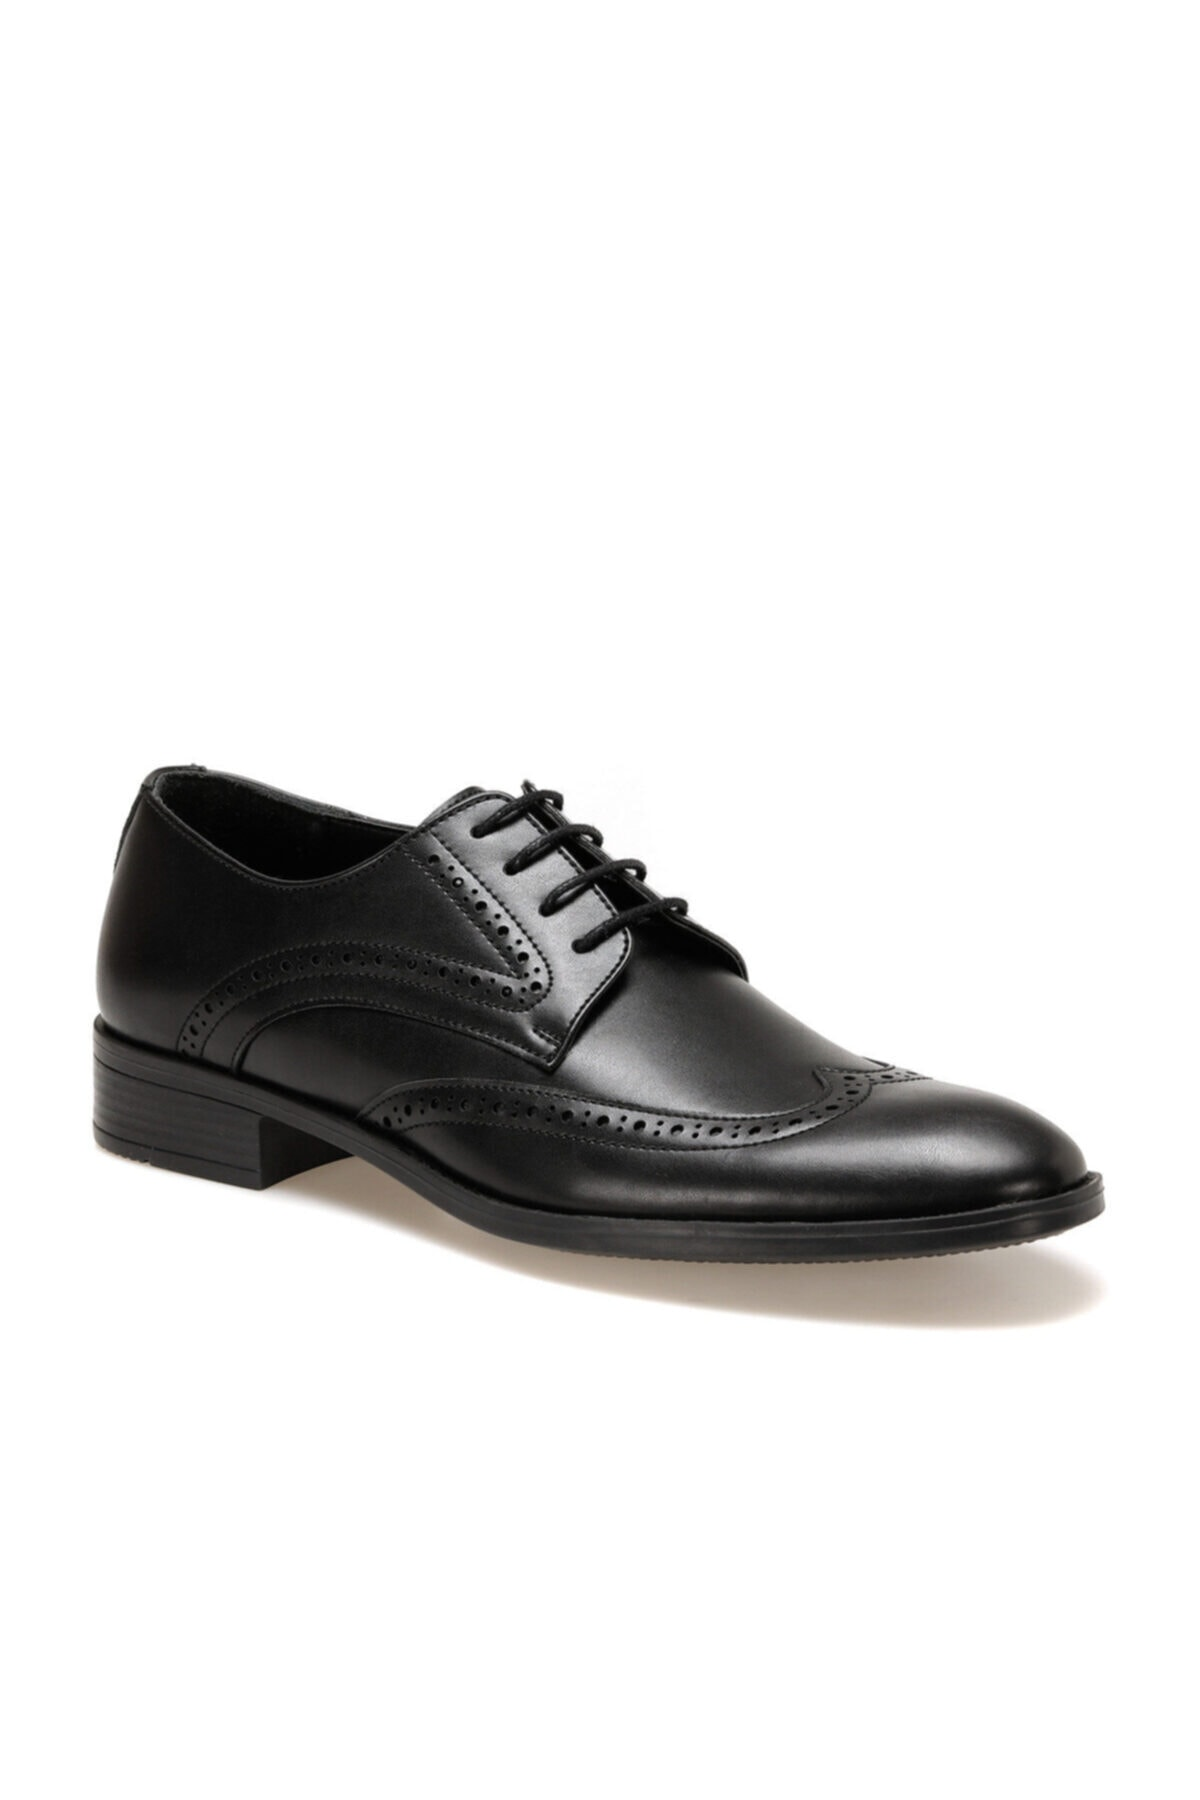 Downtown Erkek Siyah Klasik Ayakkabı 113-5 1